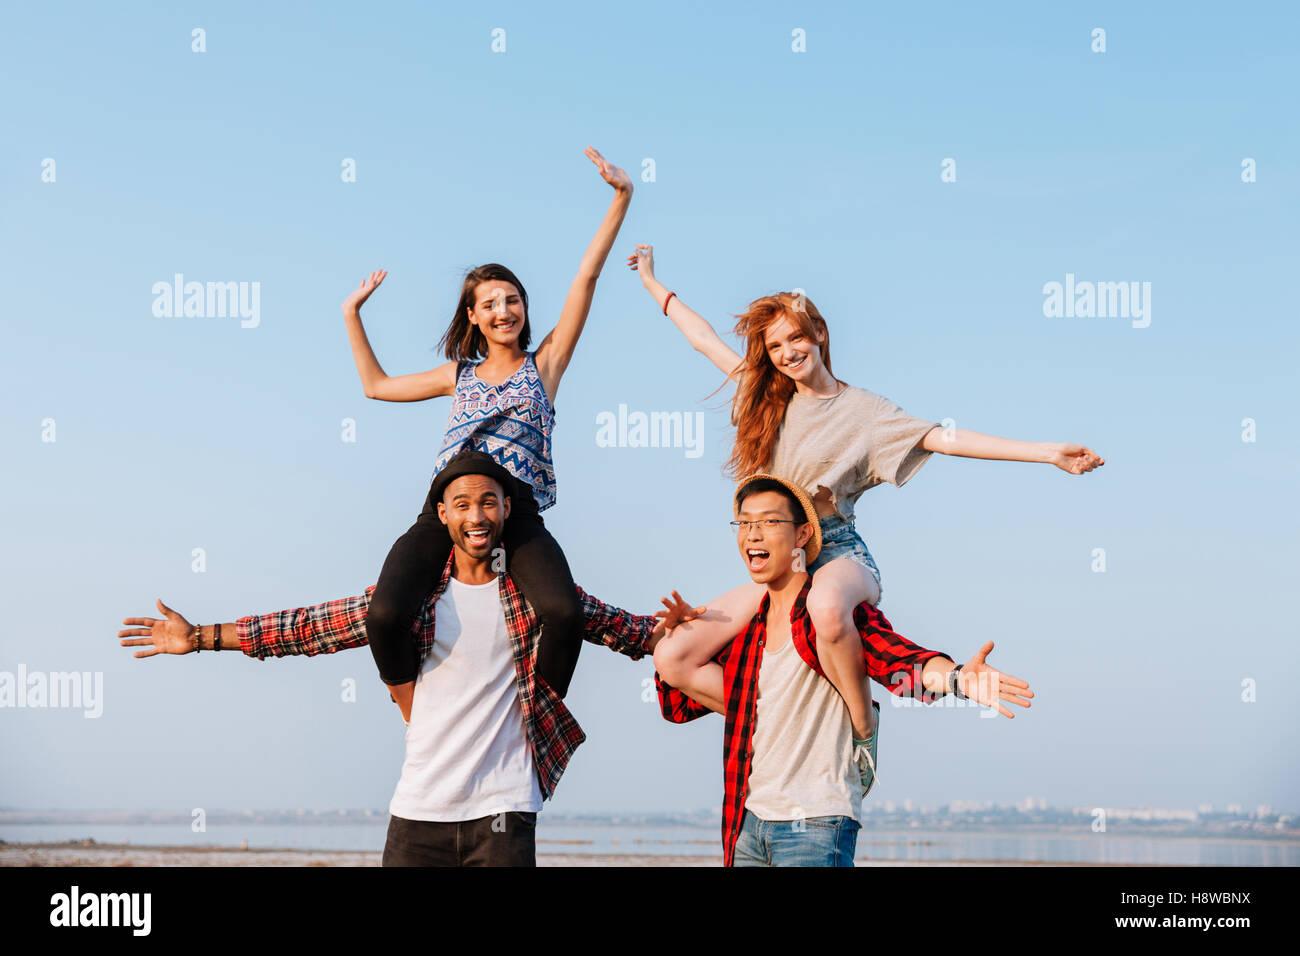 Zwei glückliche junge Frauen sitzen auf den Schultern der ihre Freunde und Spaß im freien Stockbild